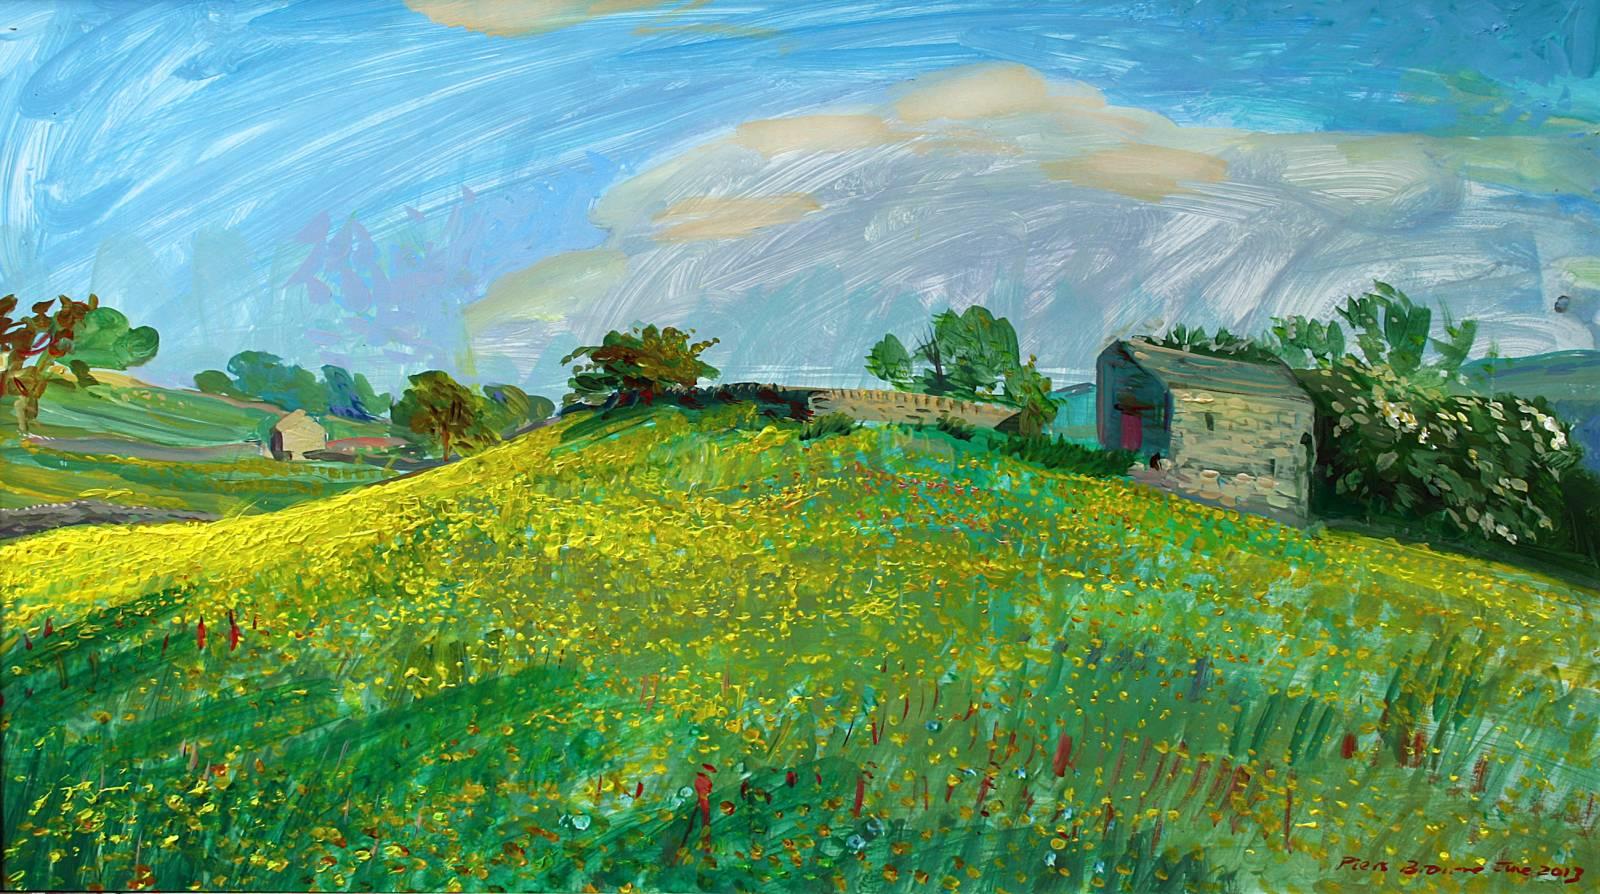 Yorkshire Landscape Paintings